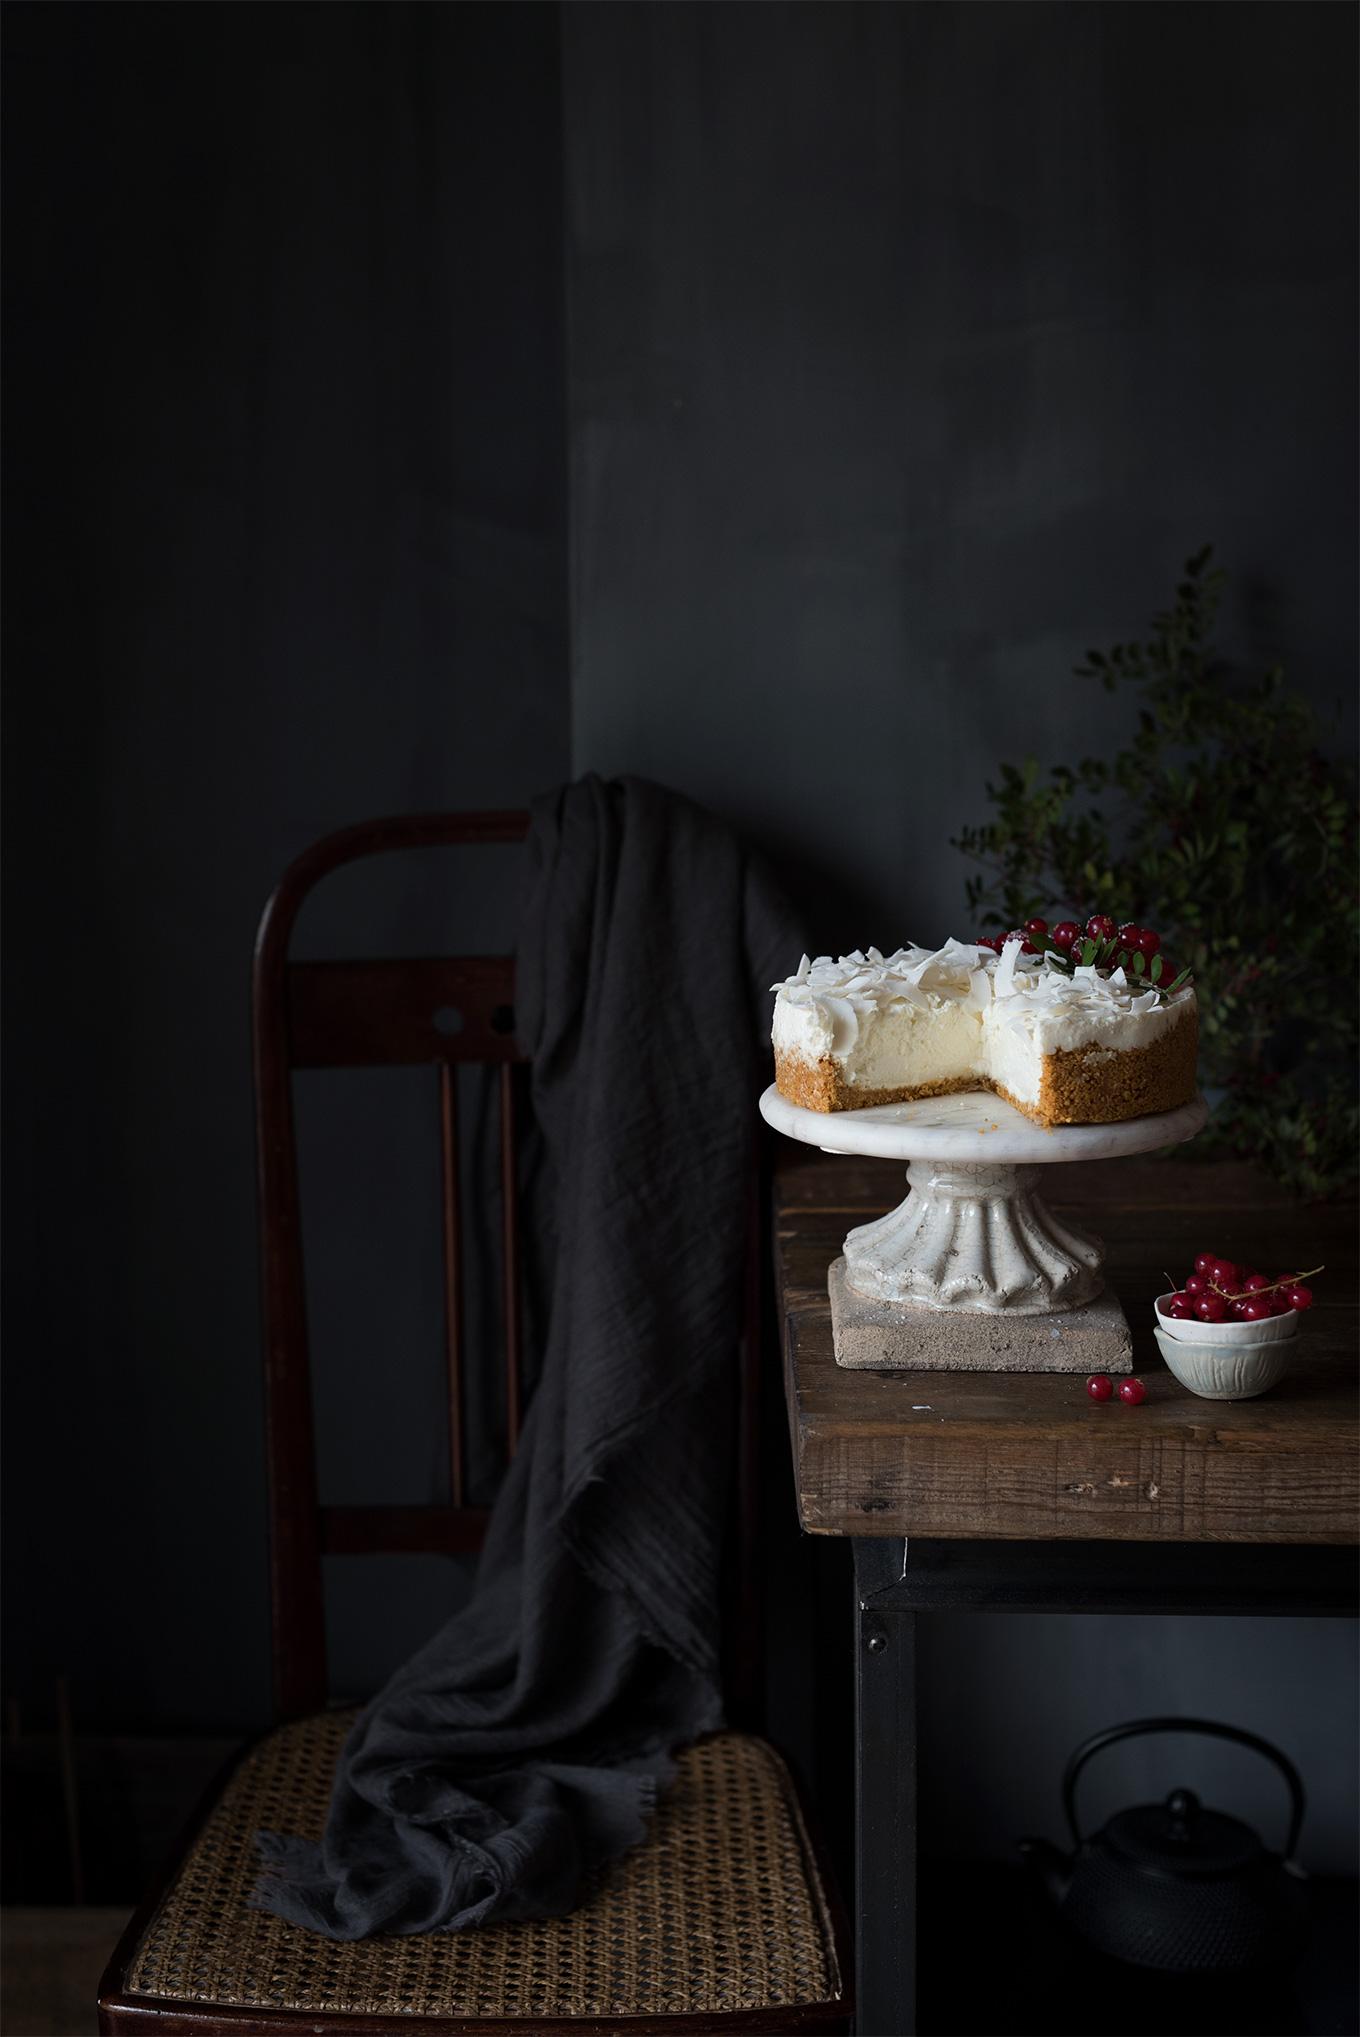 Presentación de la tarta de coco fría